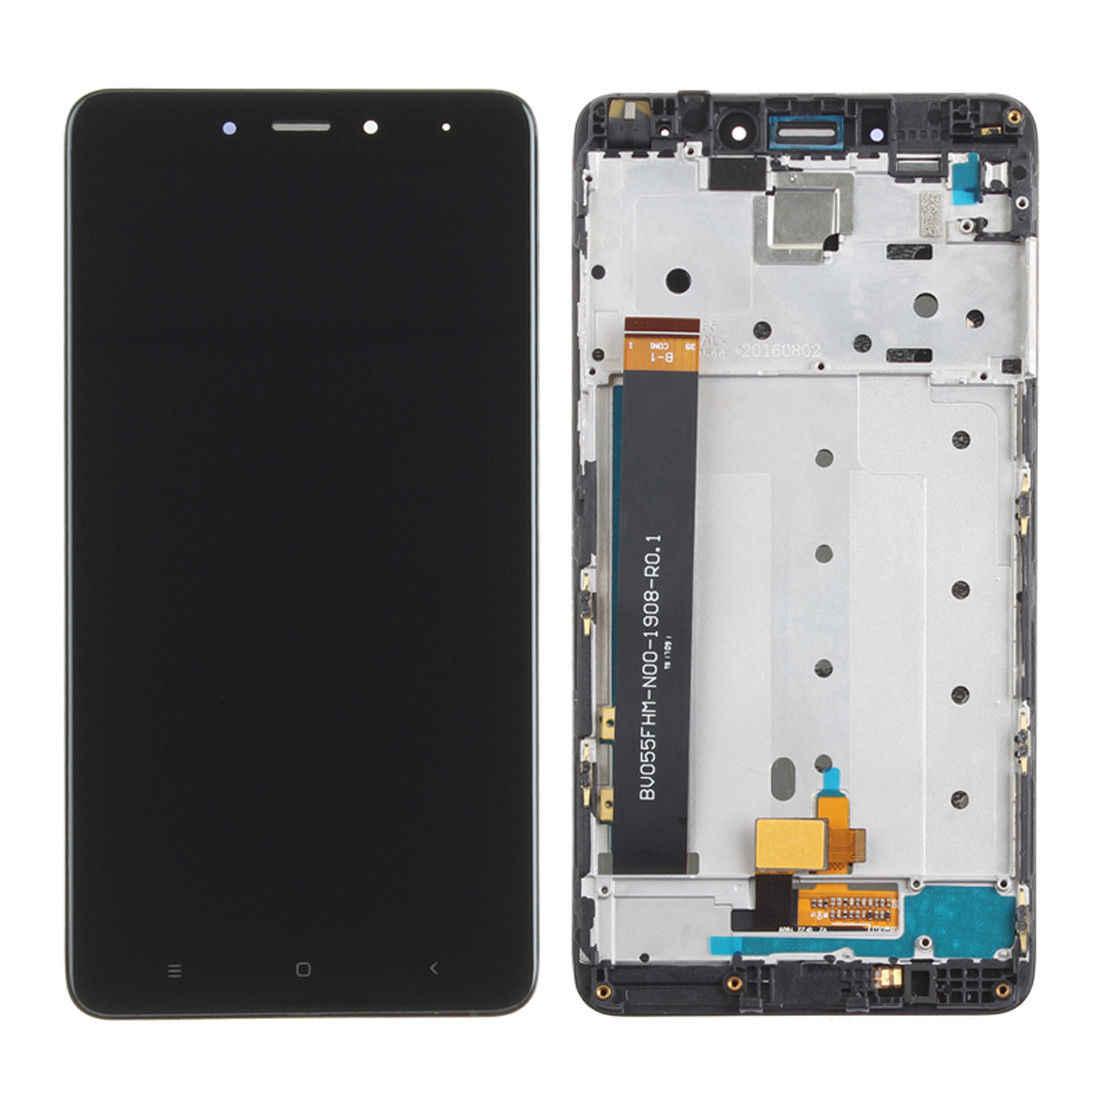 5.5 بوصة العرض الأصلي ل شاومي Redmi نوت 4 LCD محول الأرقام بشاشة تعمل بلمس مع الإطار LCD لعرض شاومي Redmi نوت 4